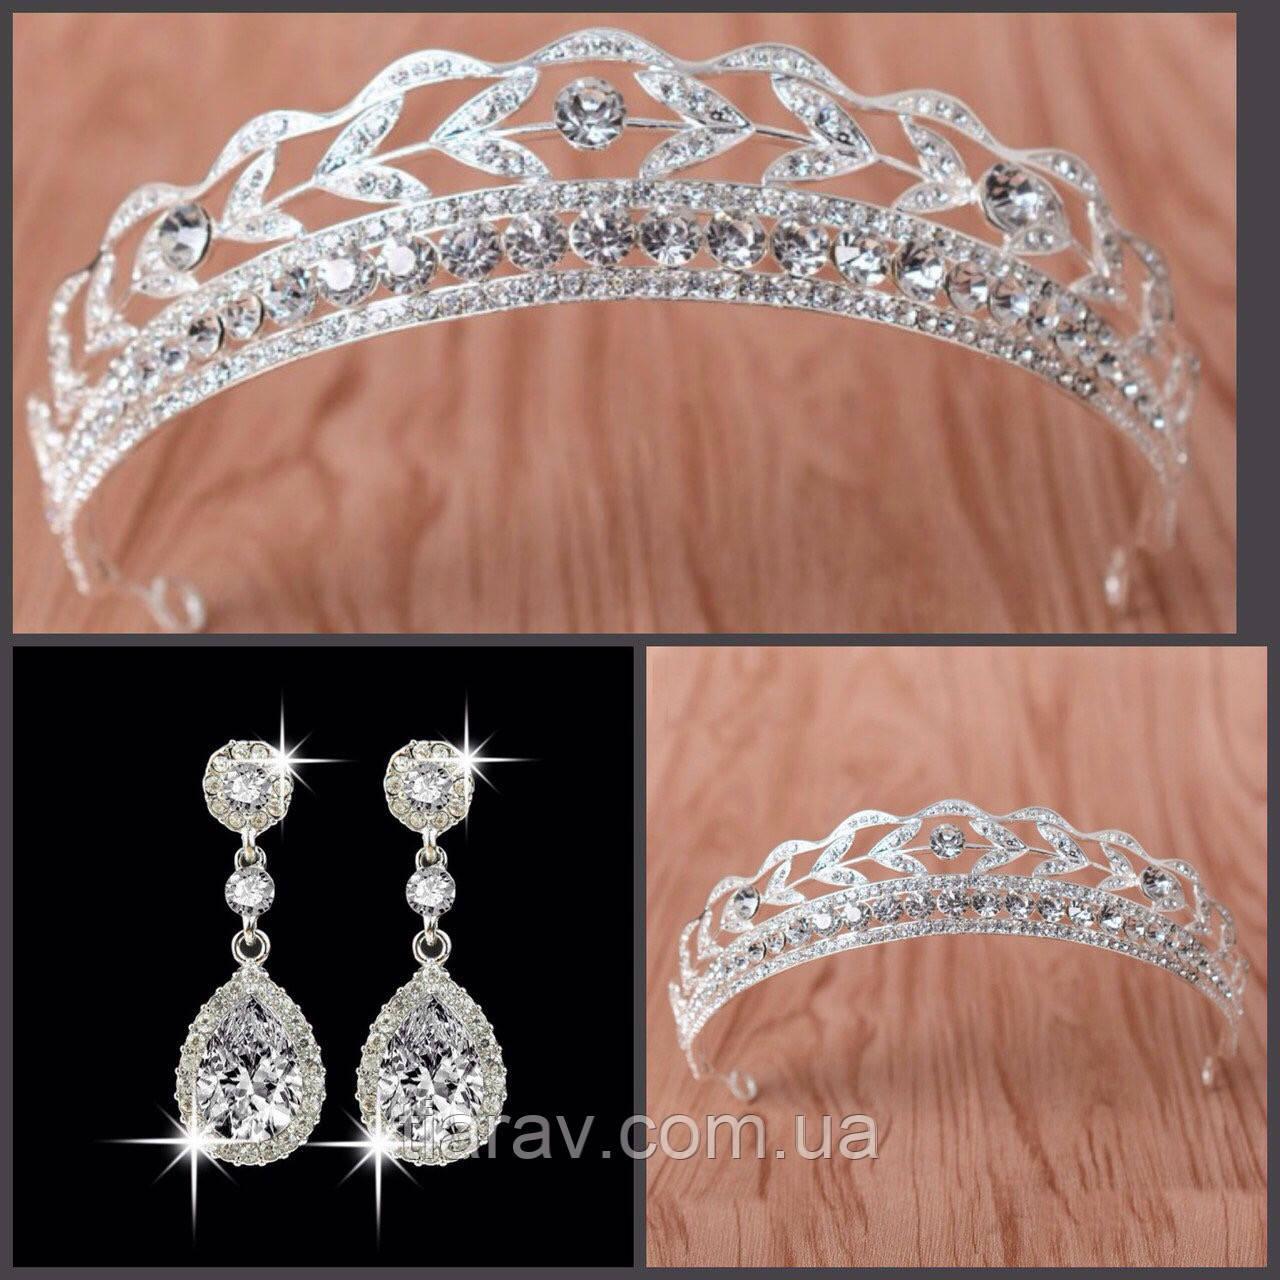 Діадема і сережки Набір БЕЛЛА весільна біжутерія Тіара Вікторія корона весільна діадеми тіари корони